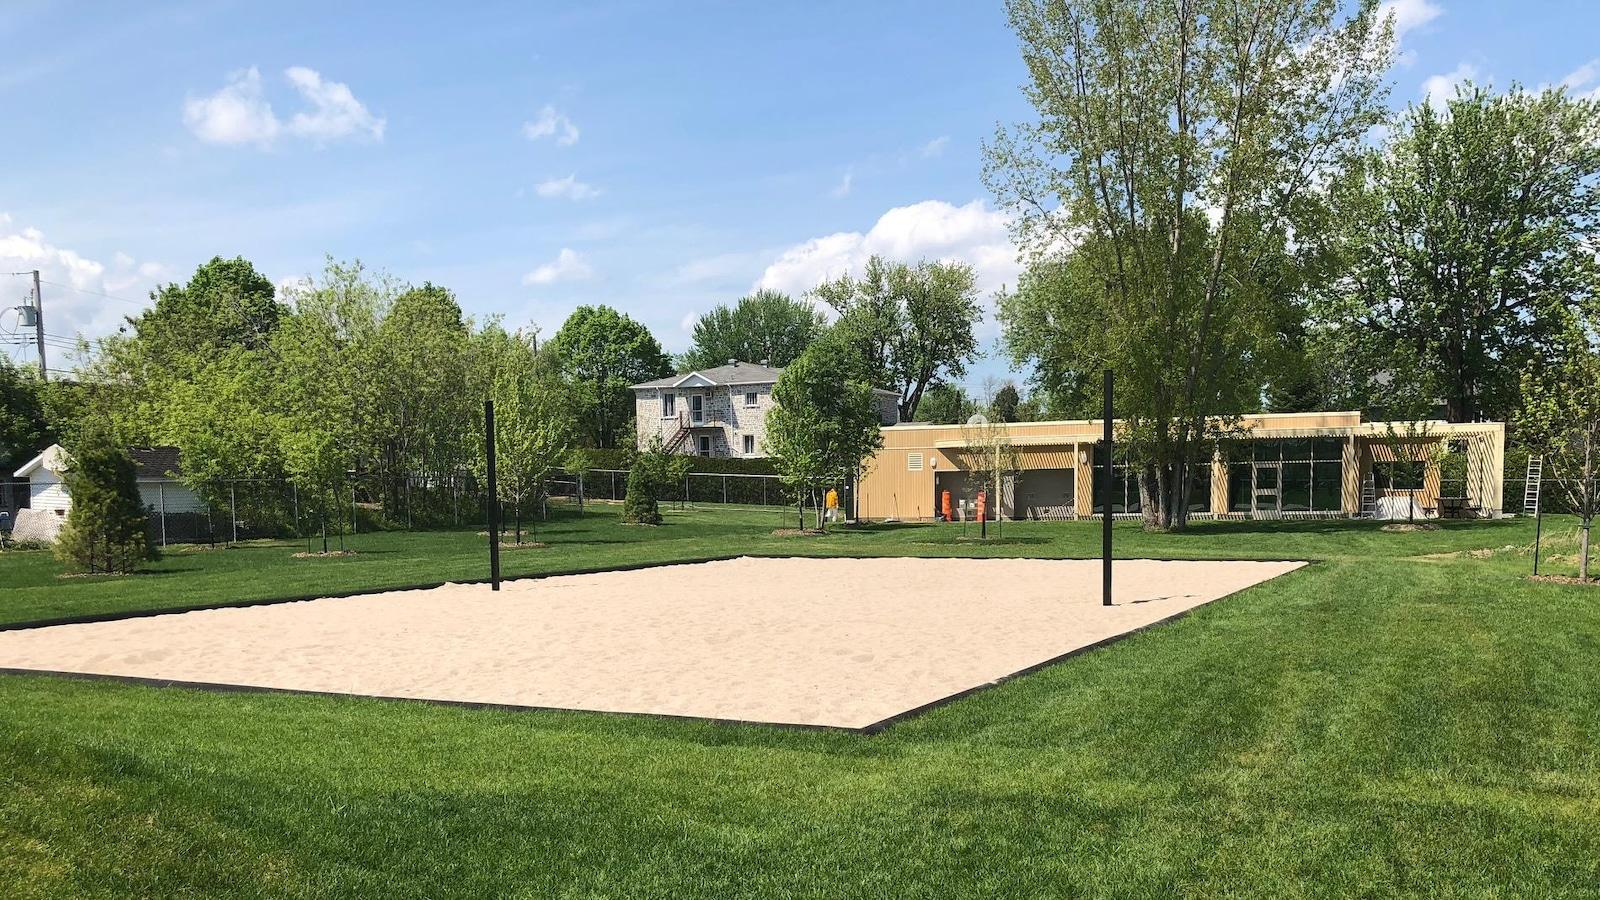 Pelouse sur laquelle se trouvent le terrain de volleyball et le chalet